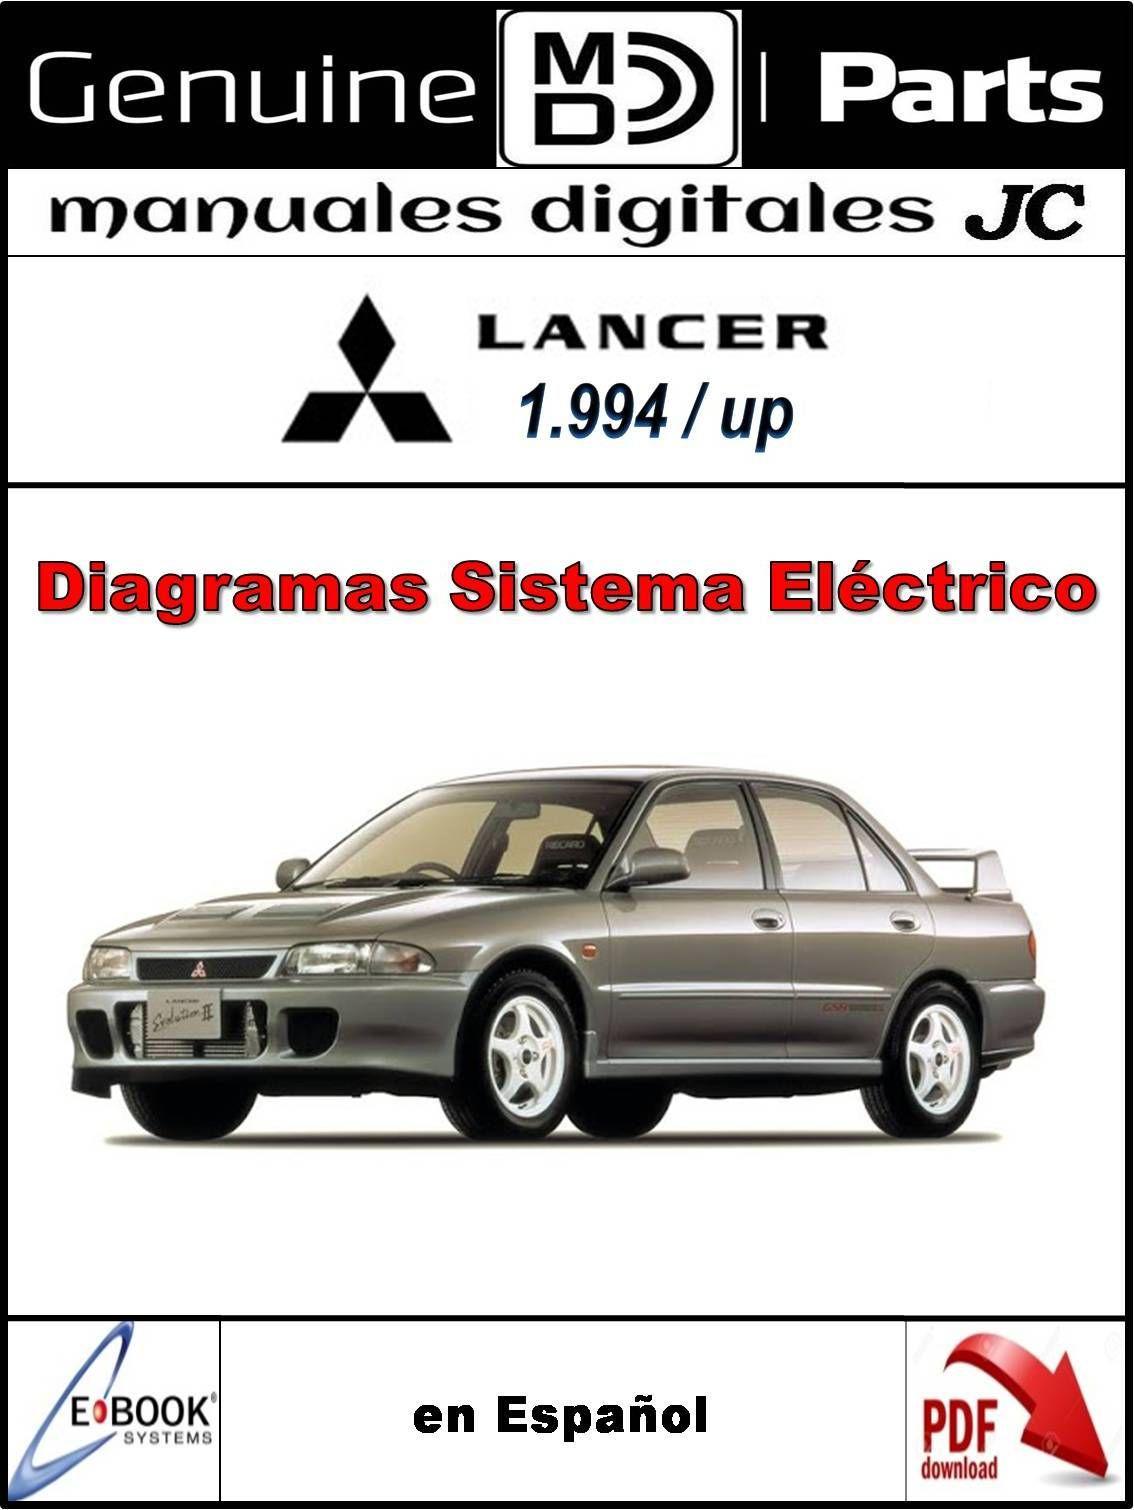 Manual Diagramas Del Sistema Electrico Para El Mitsubishi Lancer 1994 Up Correo Manualesdigitalesjc Gmail Com Tl Sistema Electrico Electrica Mitsubishi Lancer